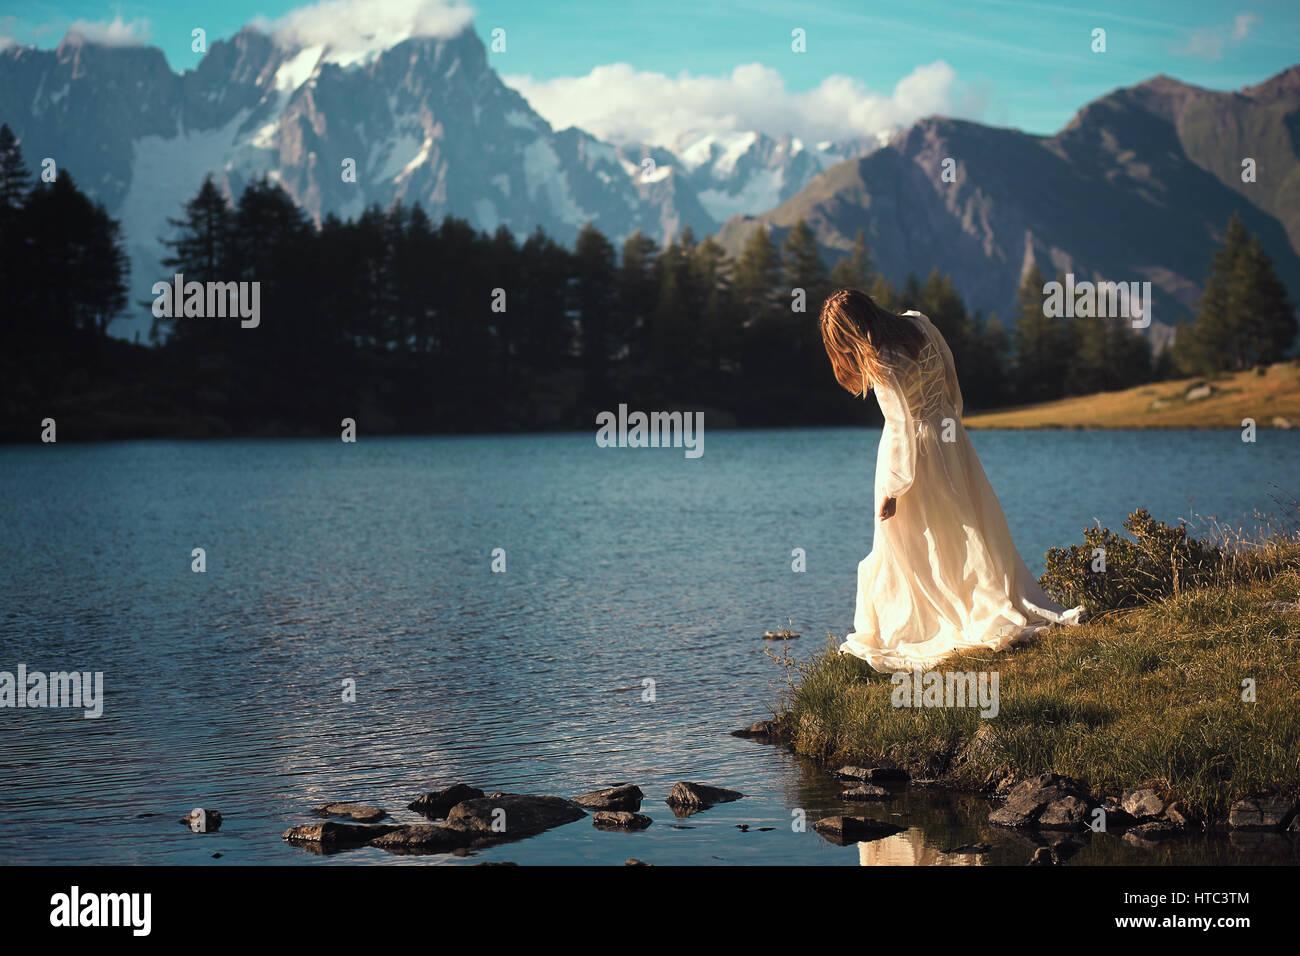 Woman posing in Mountain Lake au coucher du soleil. Rêveur et romantique Photo Stock